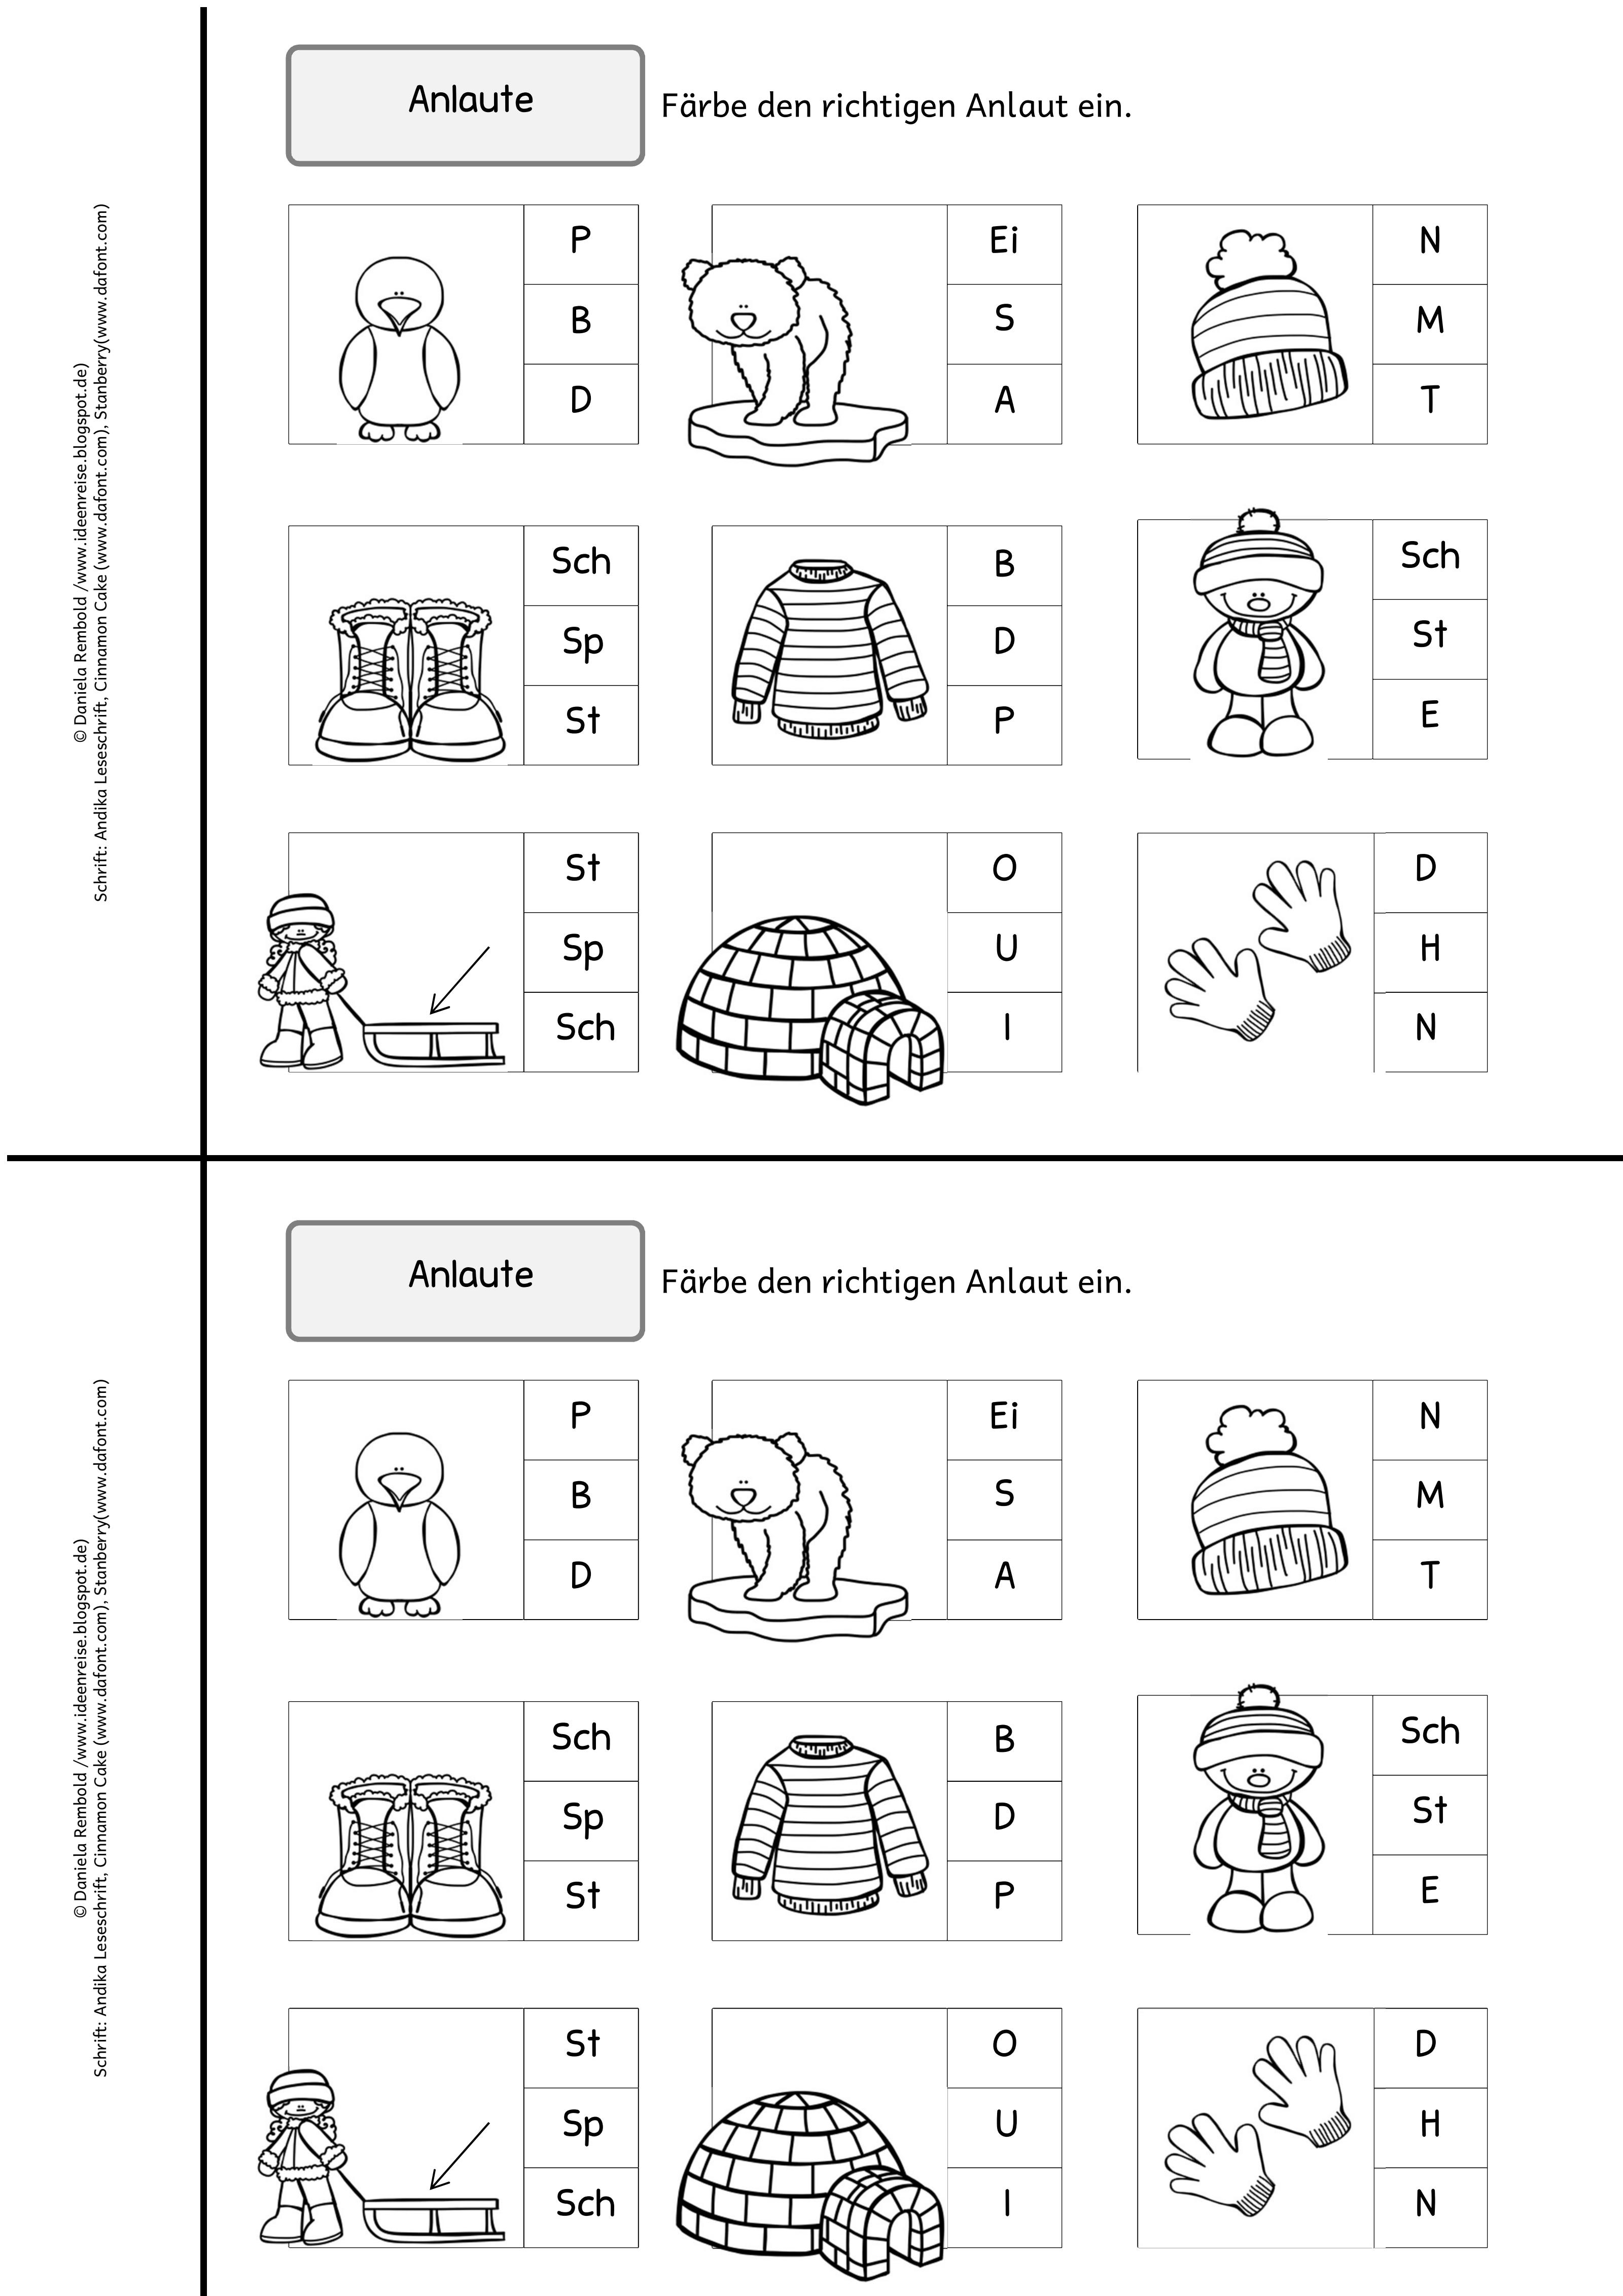 seite 2 von 22 schule 1 klasse deutsch unterricht silben lesen und kinder schule. Black Bedroom Furniture Sets. Home Design Ideas